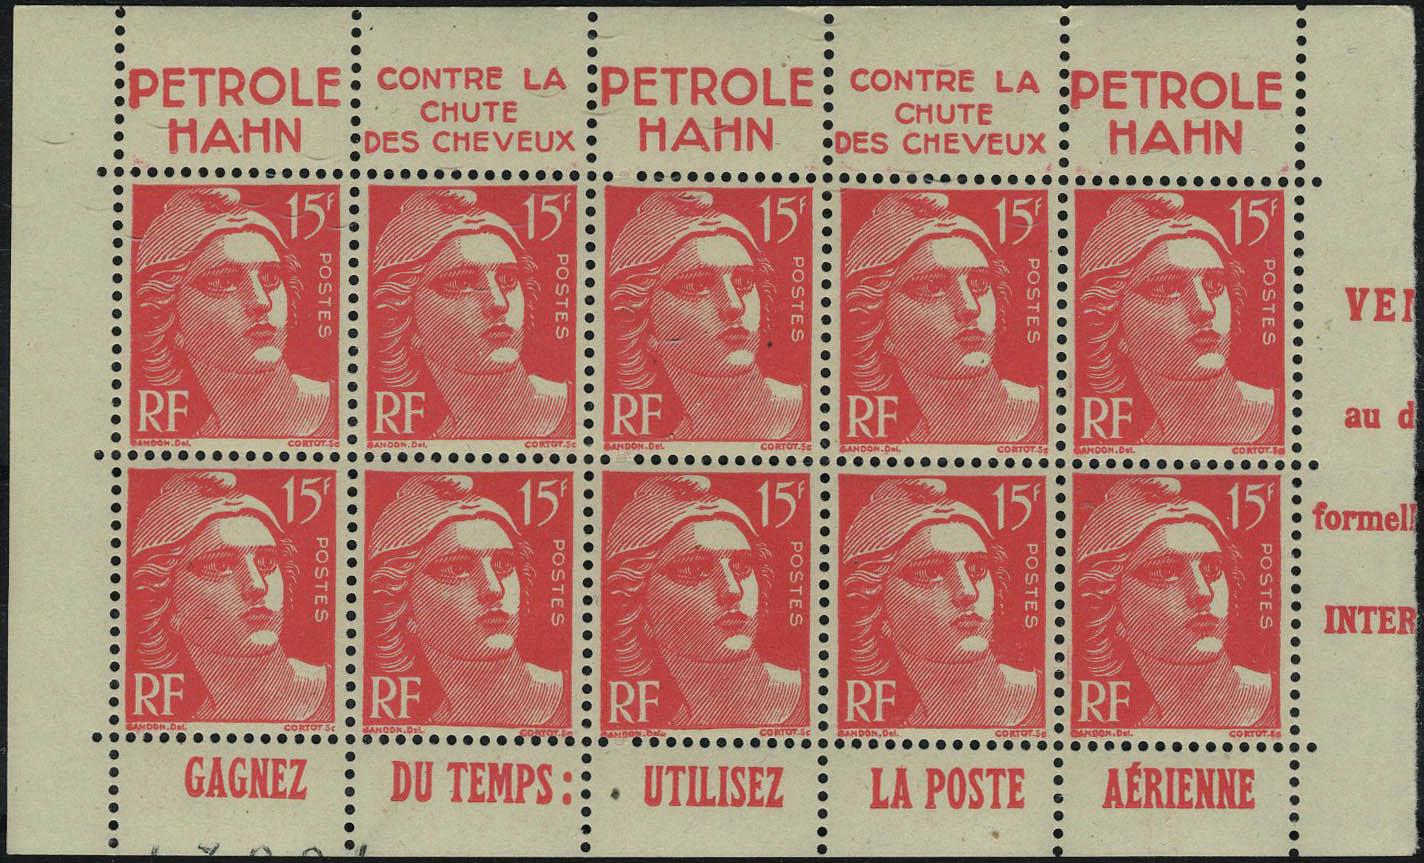 Lot 528 - France a partir de 1900 -  Francois Feldman F.C.N.P François FELDMAN sale #127